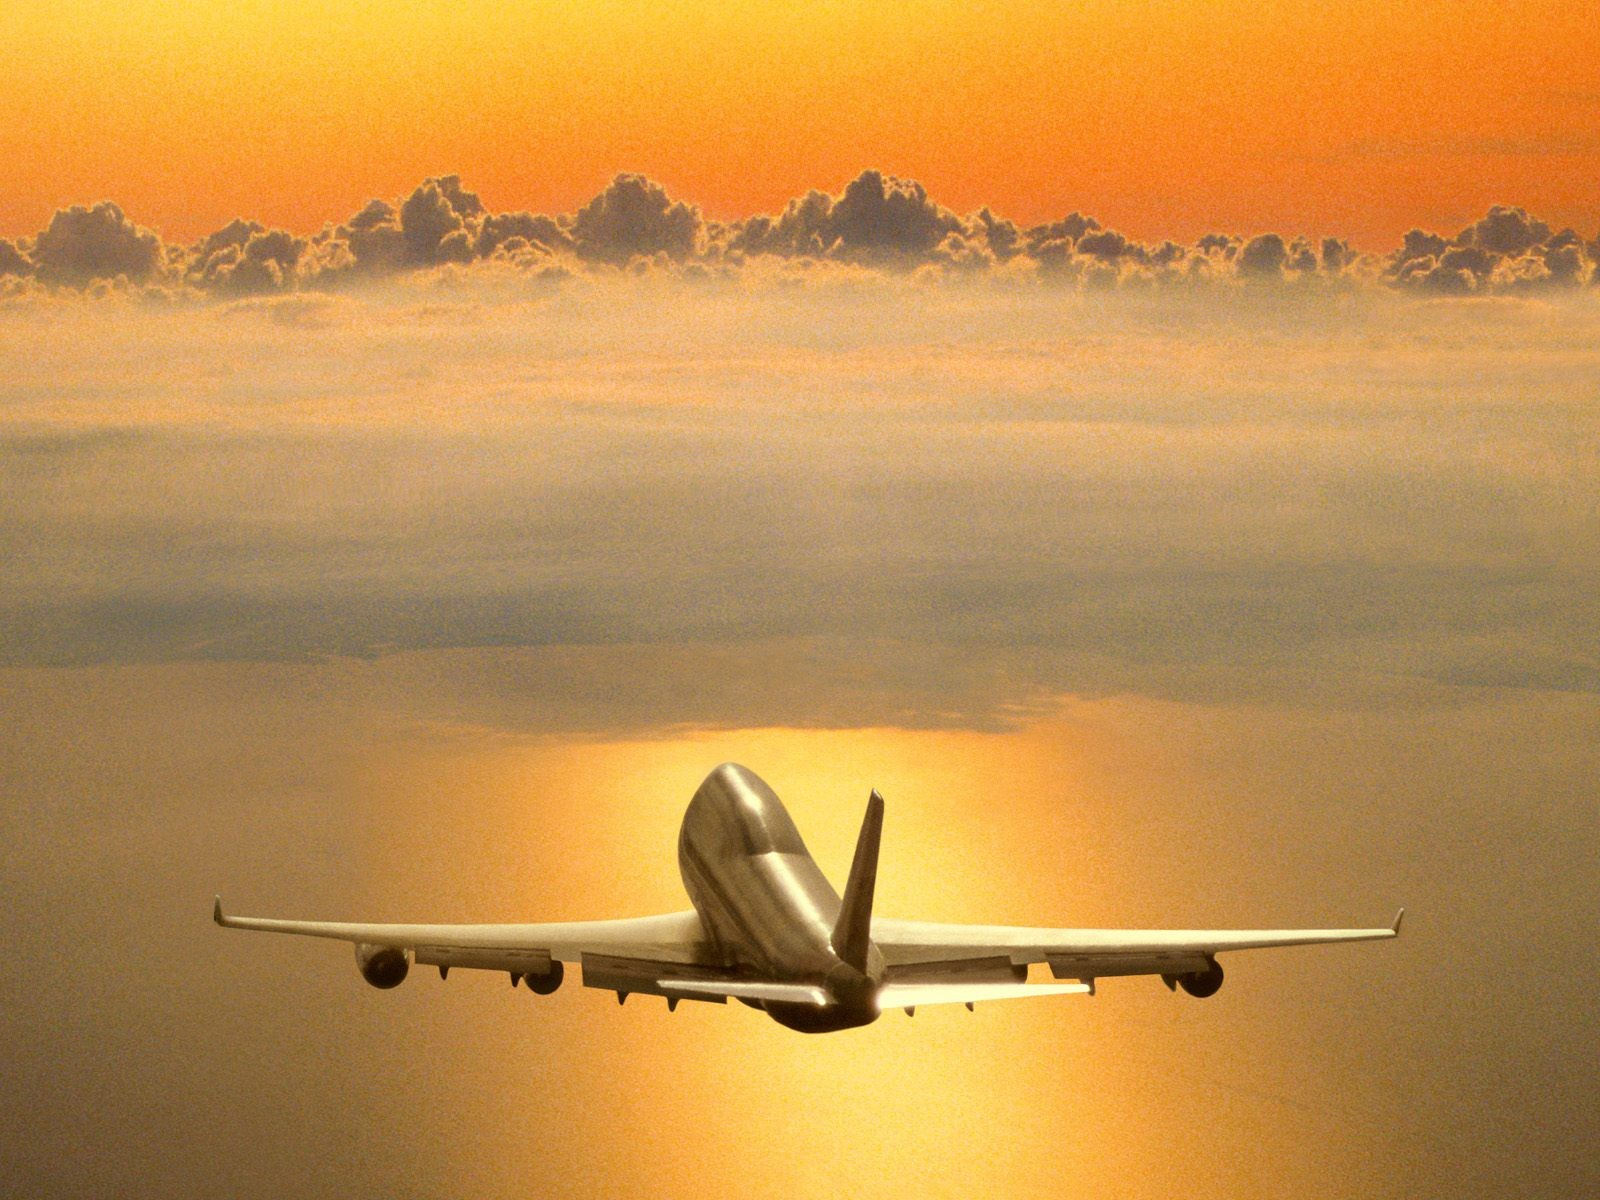 Обои Airplane, sky. Авиация foto 11